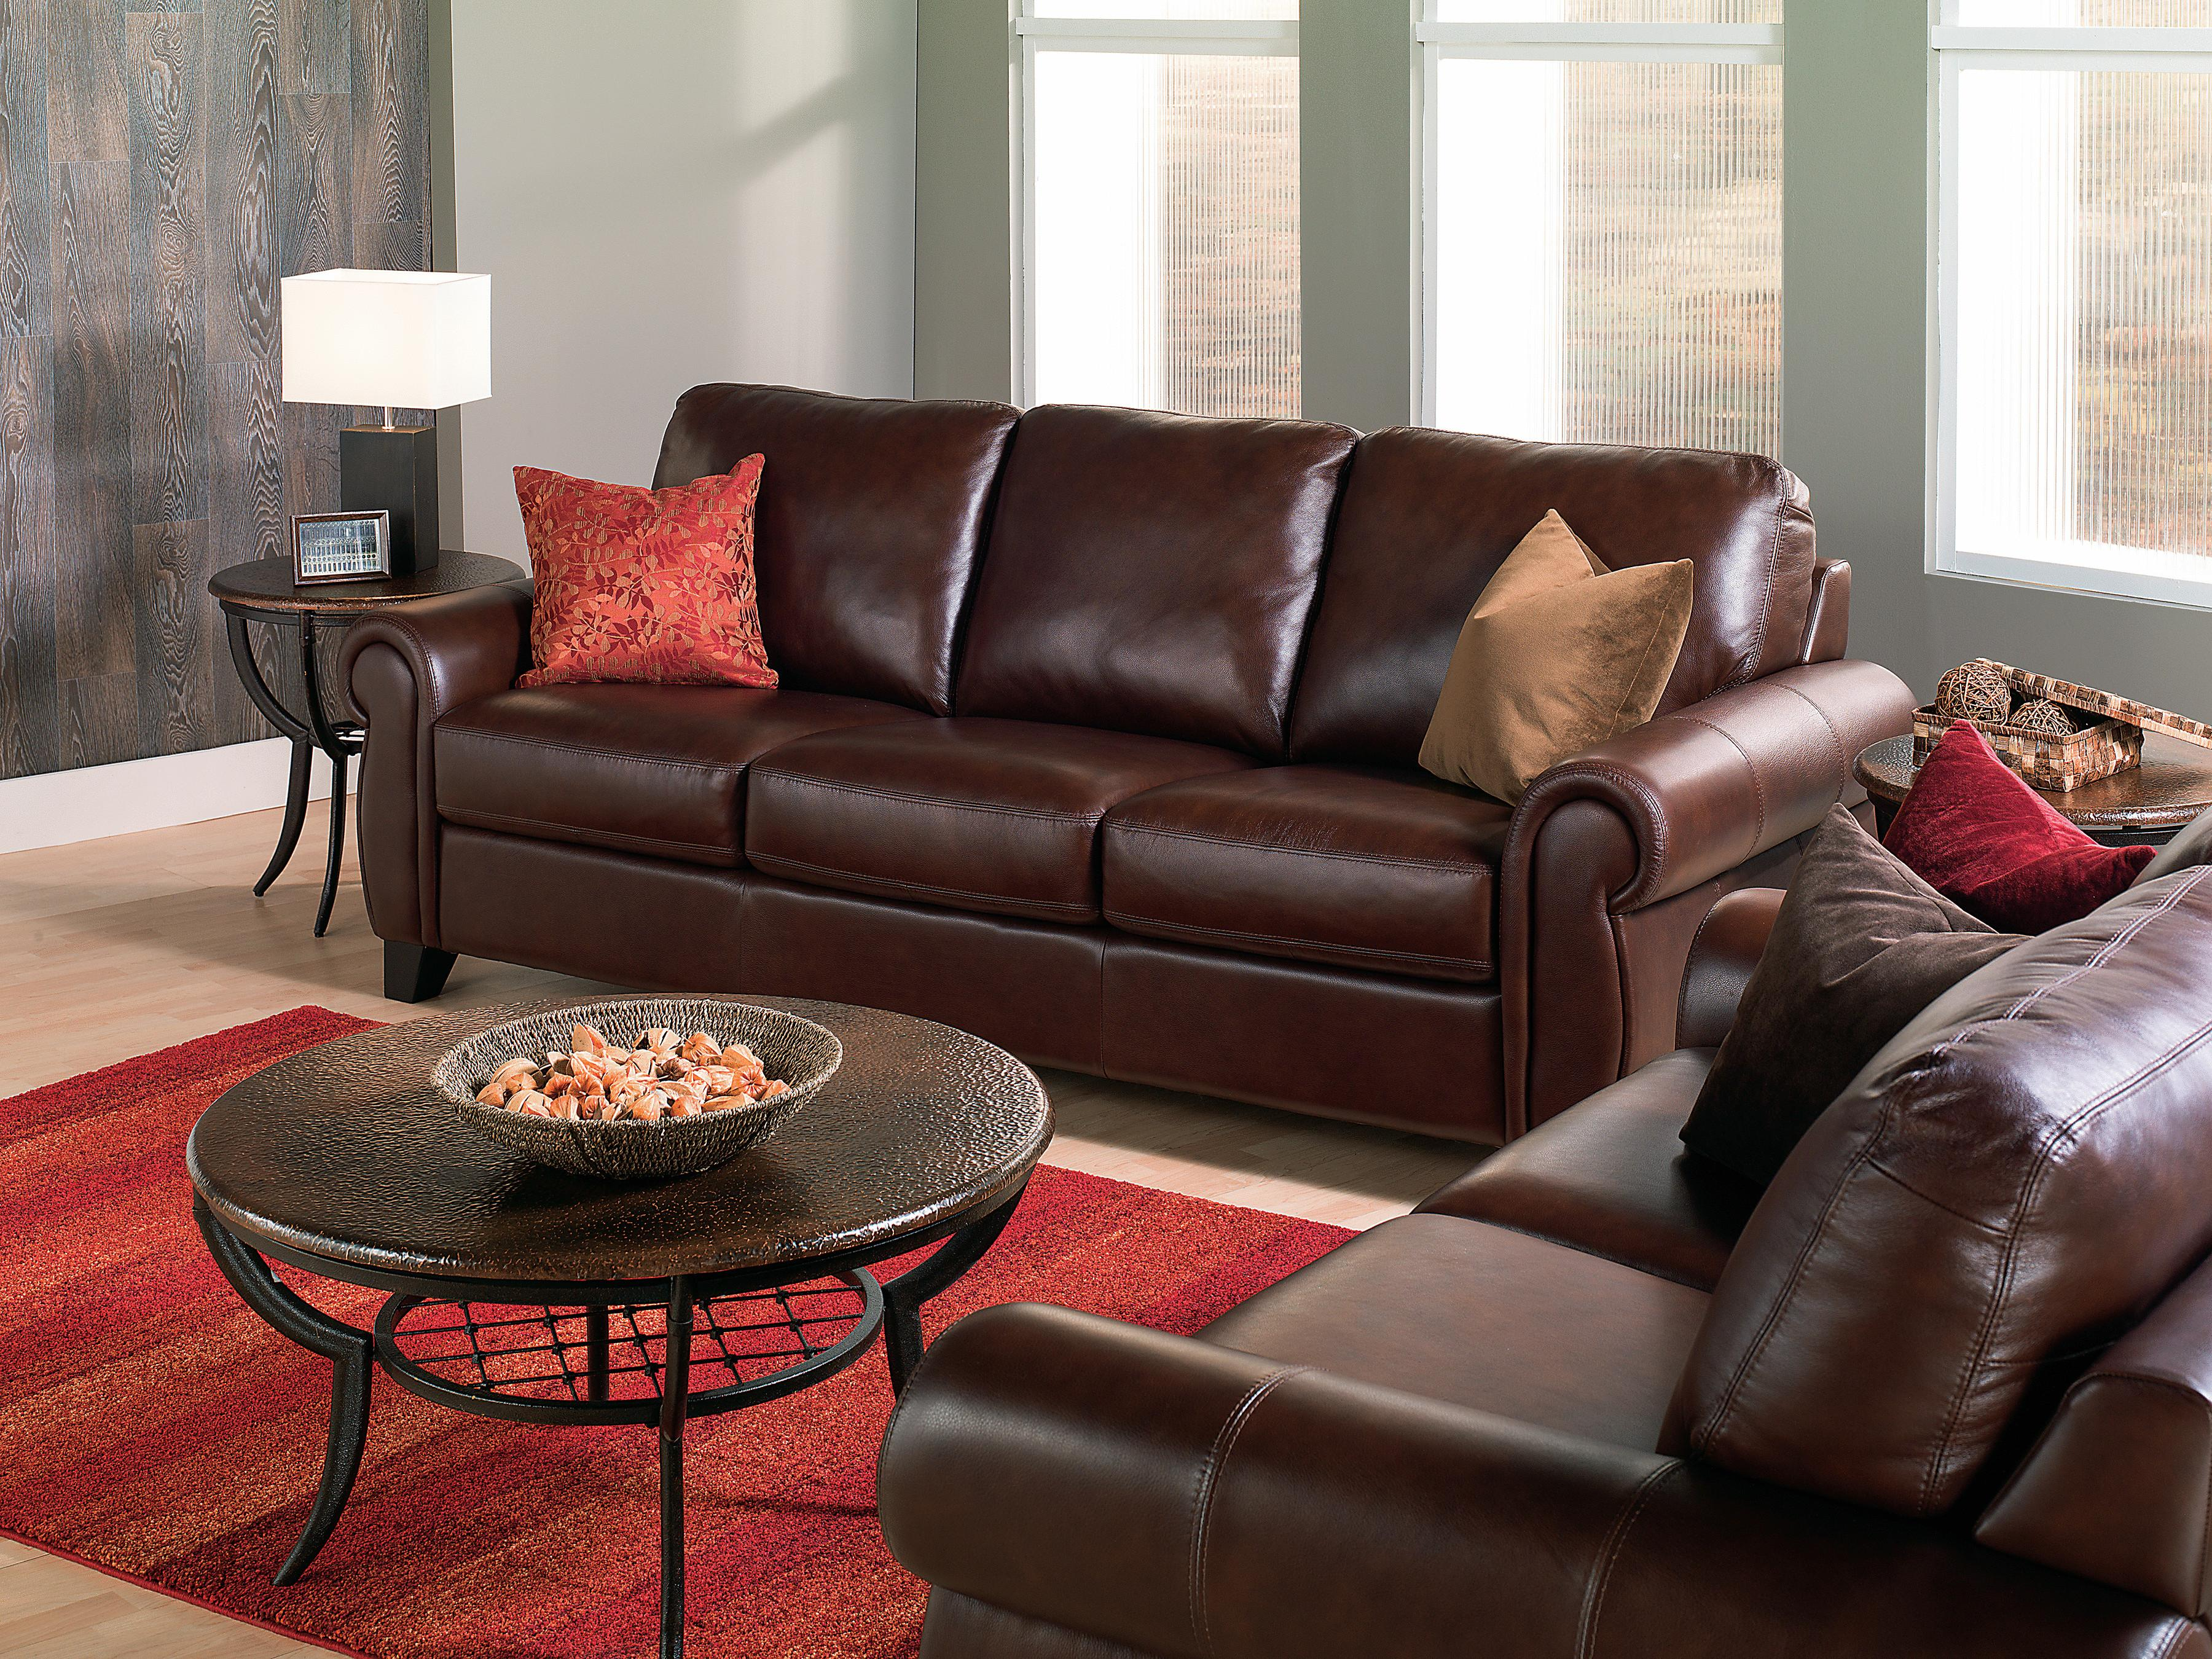 Palliser Willowbrook Stationary Living Room Group - Item Number: 77428 Living Room Group 1